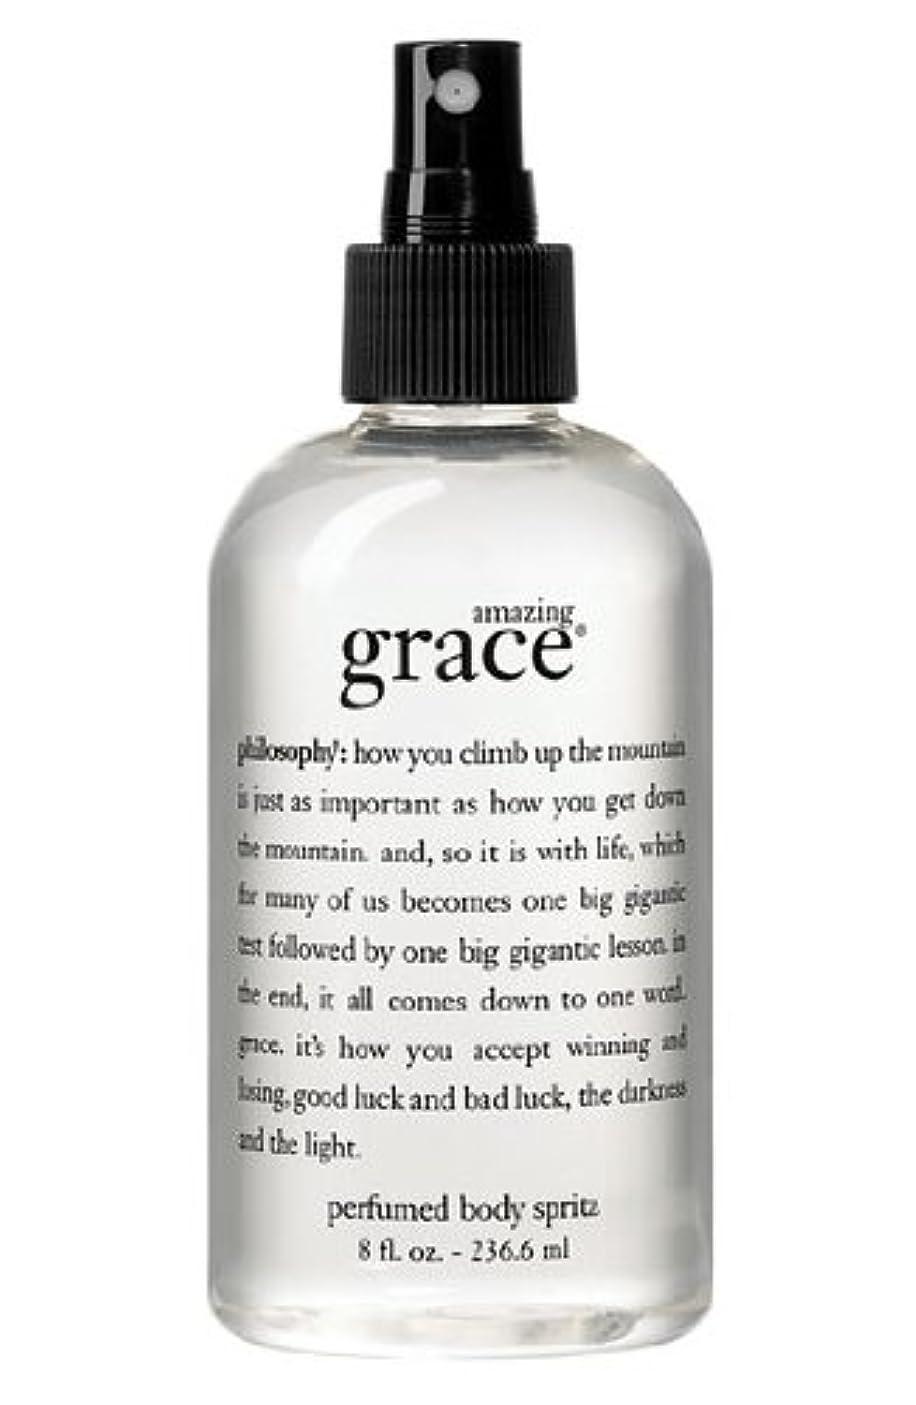 給料フェデレーションその後amazing grace perfumed body spritz (アメイジング グレイス パフュームドボディースプリッツ) 8.0 oz (240ml) for Women